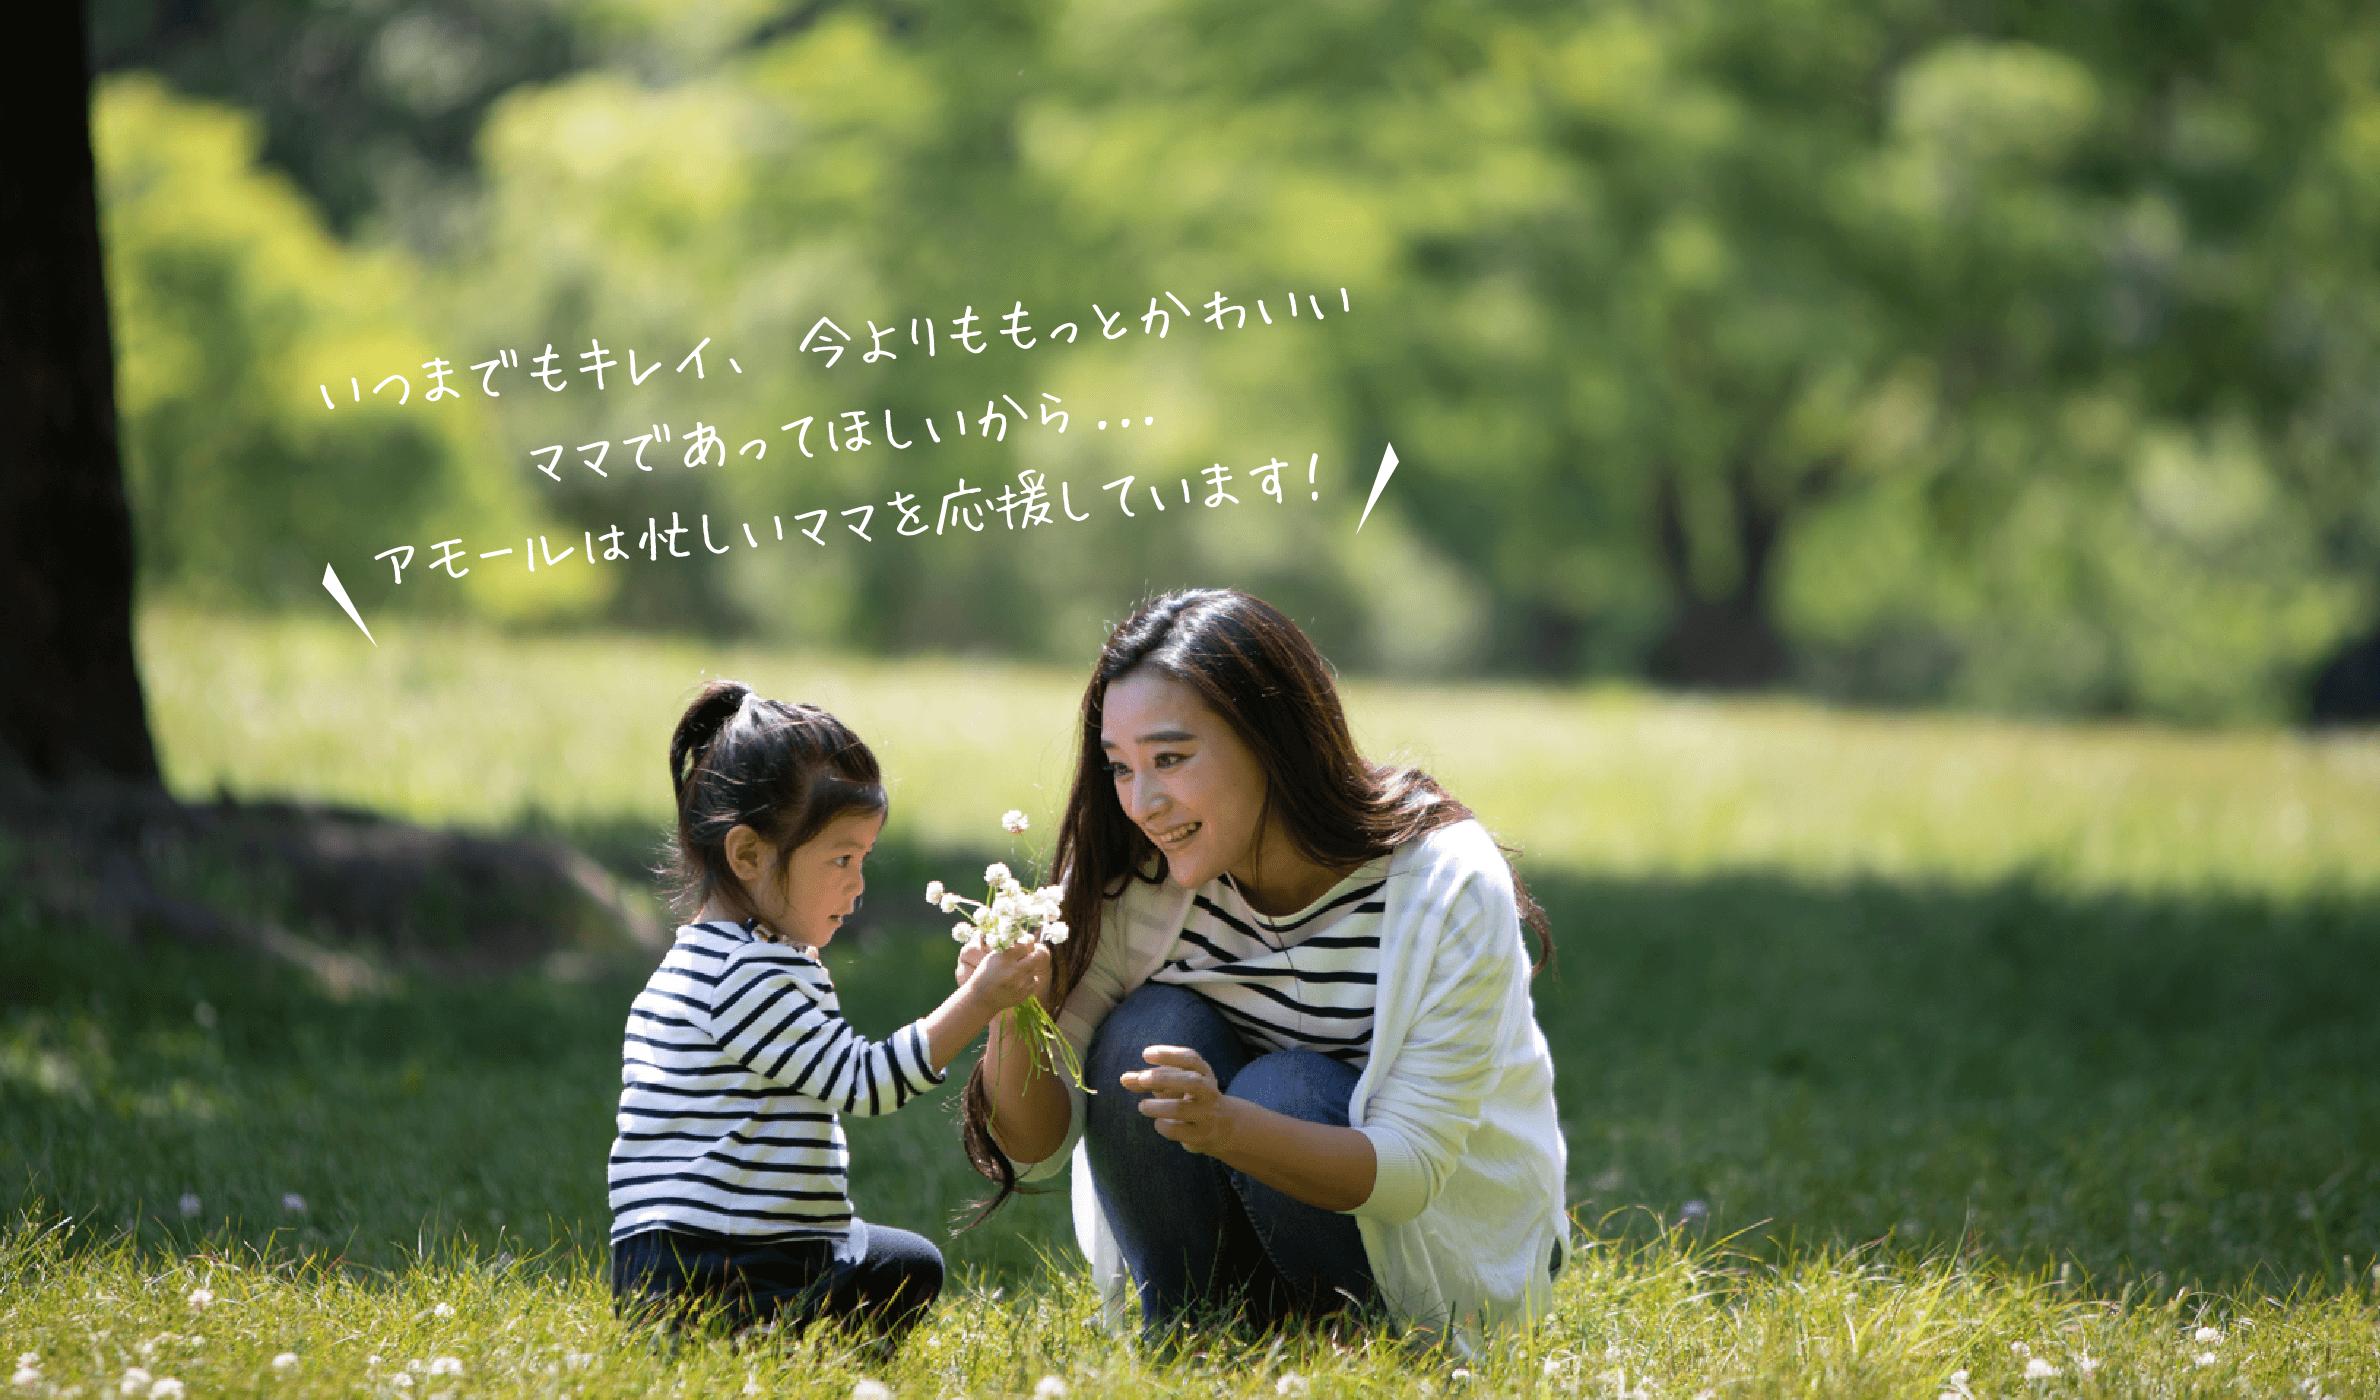 いつまでもキレイ、今よりももっとかわいいママであってほしいから...アモールは忙しいママを応援しています!